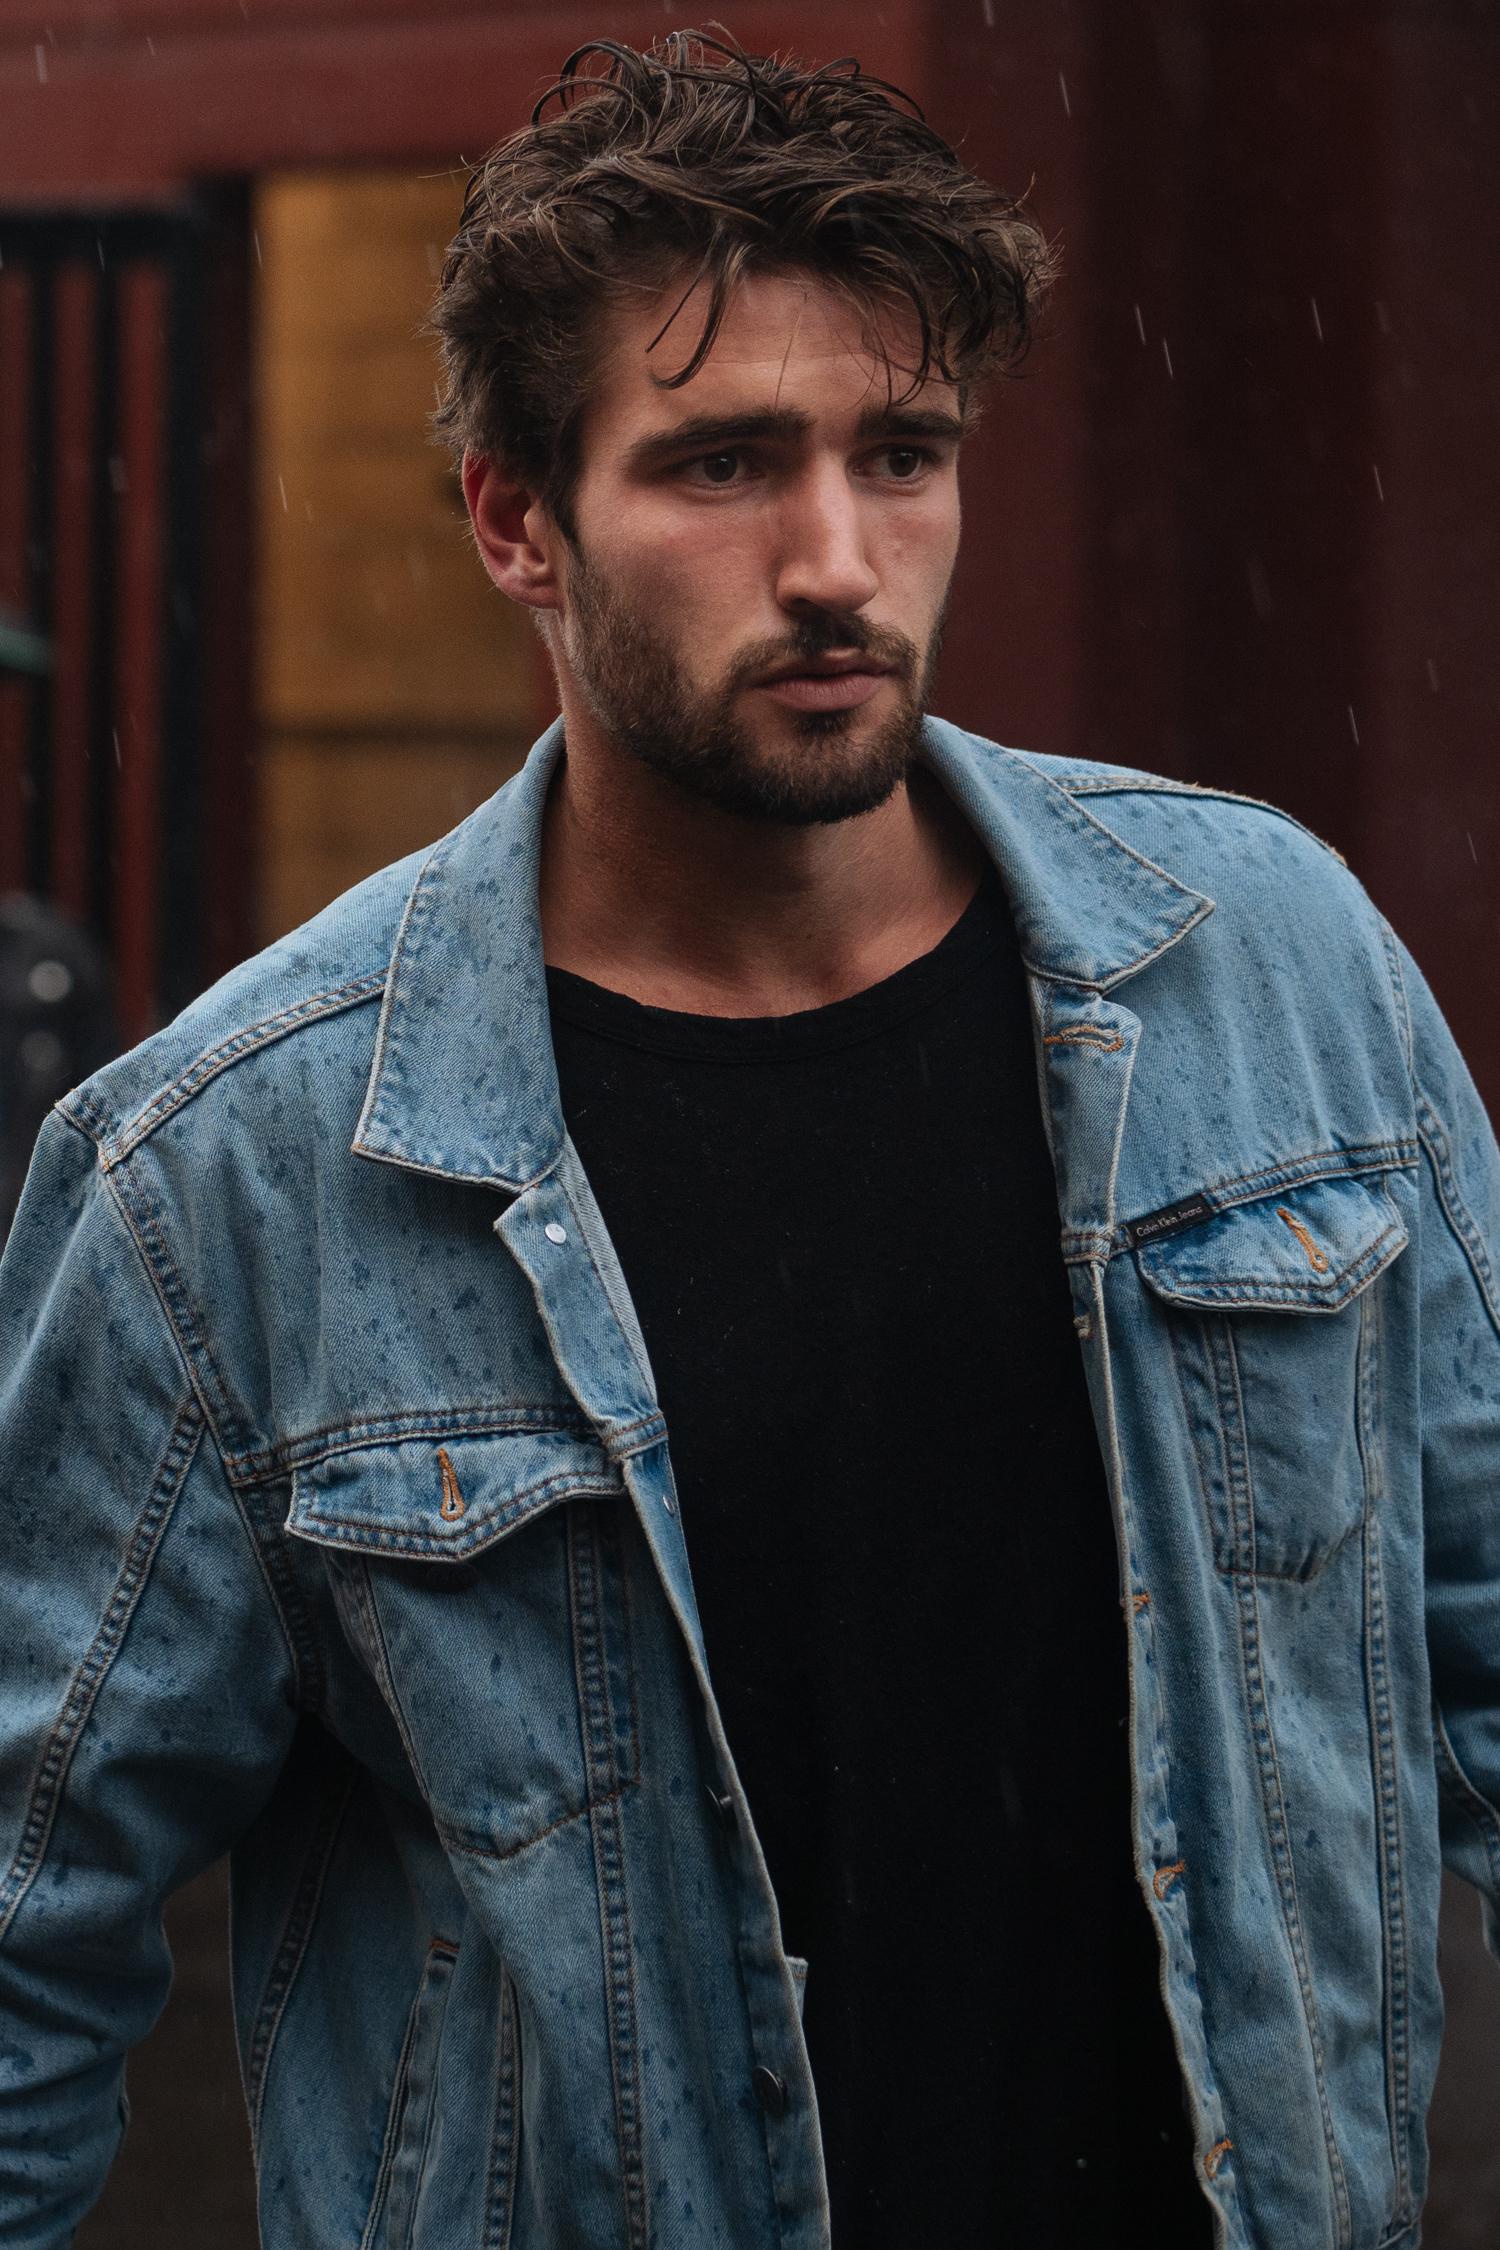 Jean jacket.